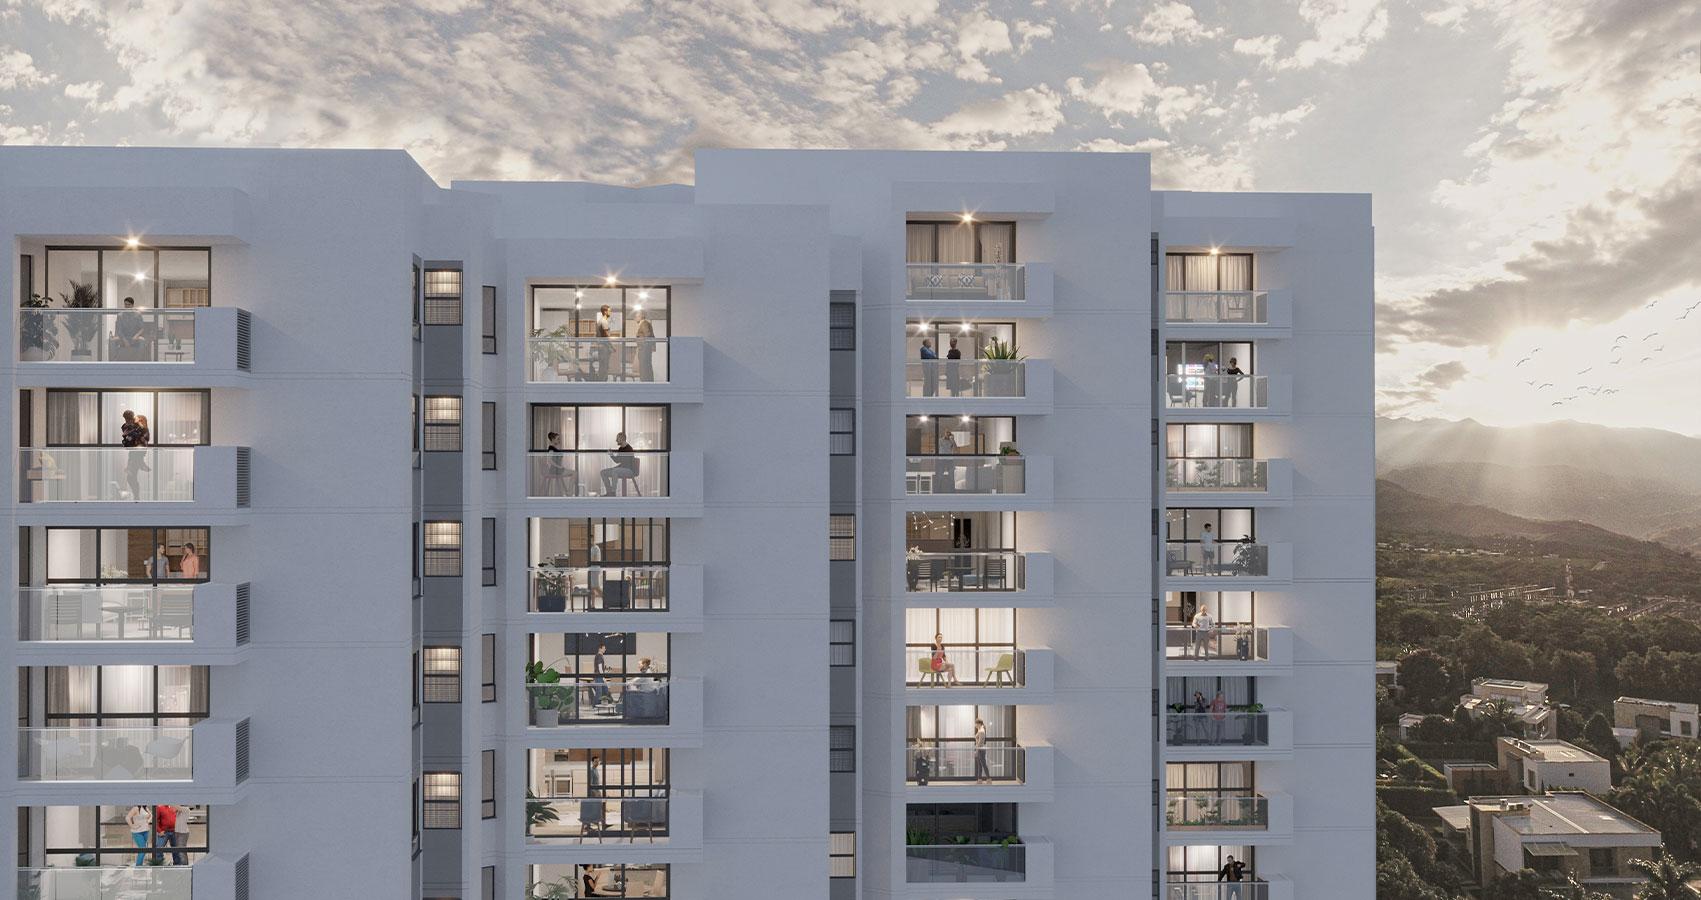 apartamentos en Pance sur cali constructora bolívar